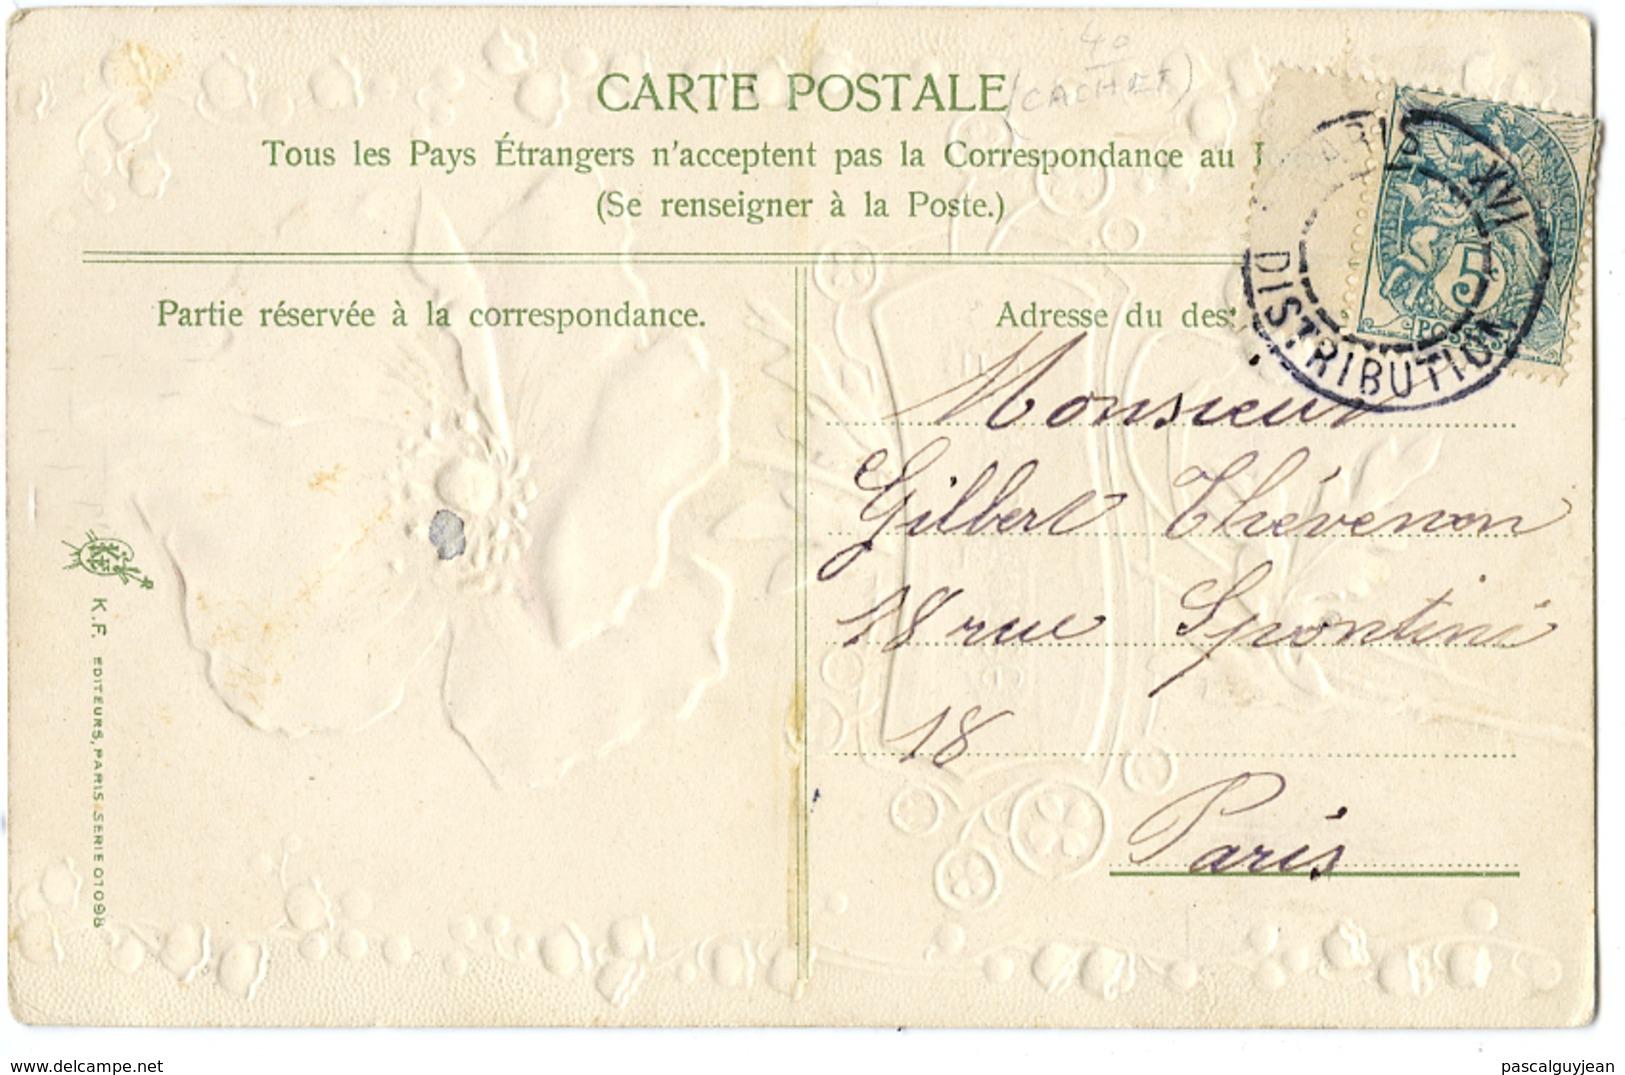 CPA CACHET SANS DATE  PARIS XVI DISTRIBUTION - 5 C VERT - Marcophilie (Timbres Détachés)